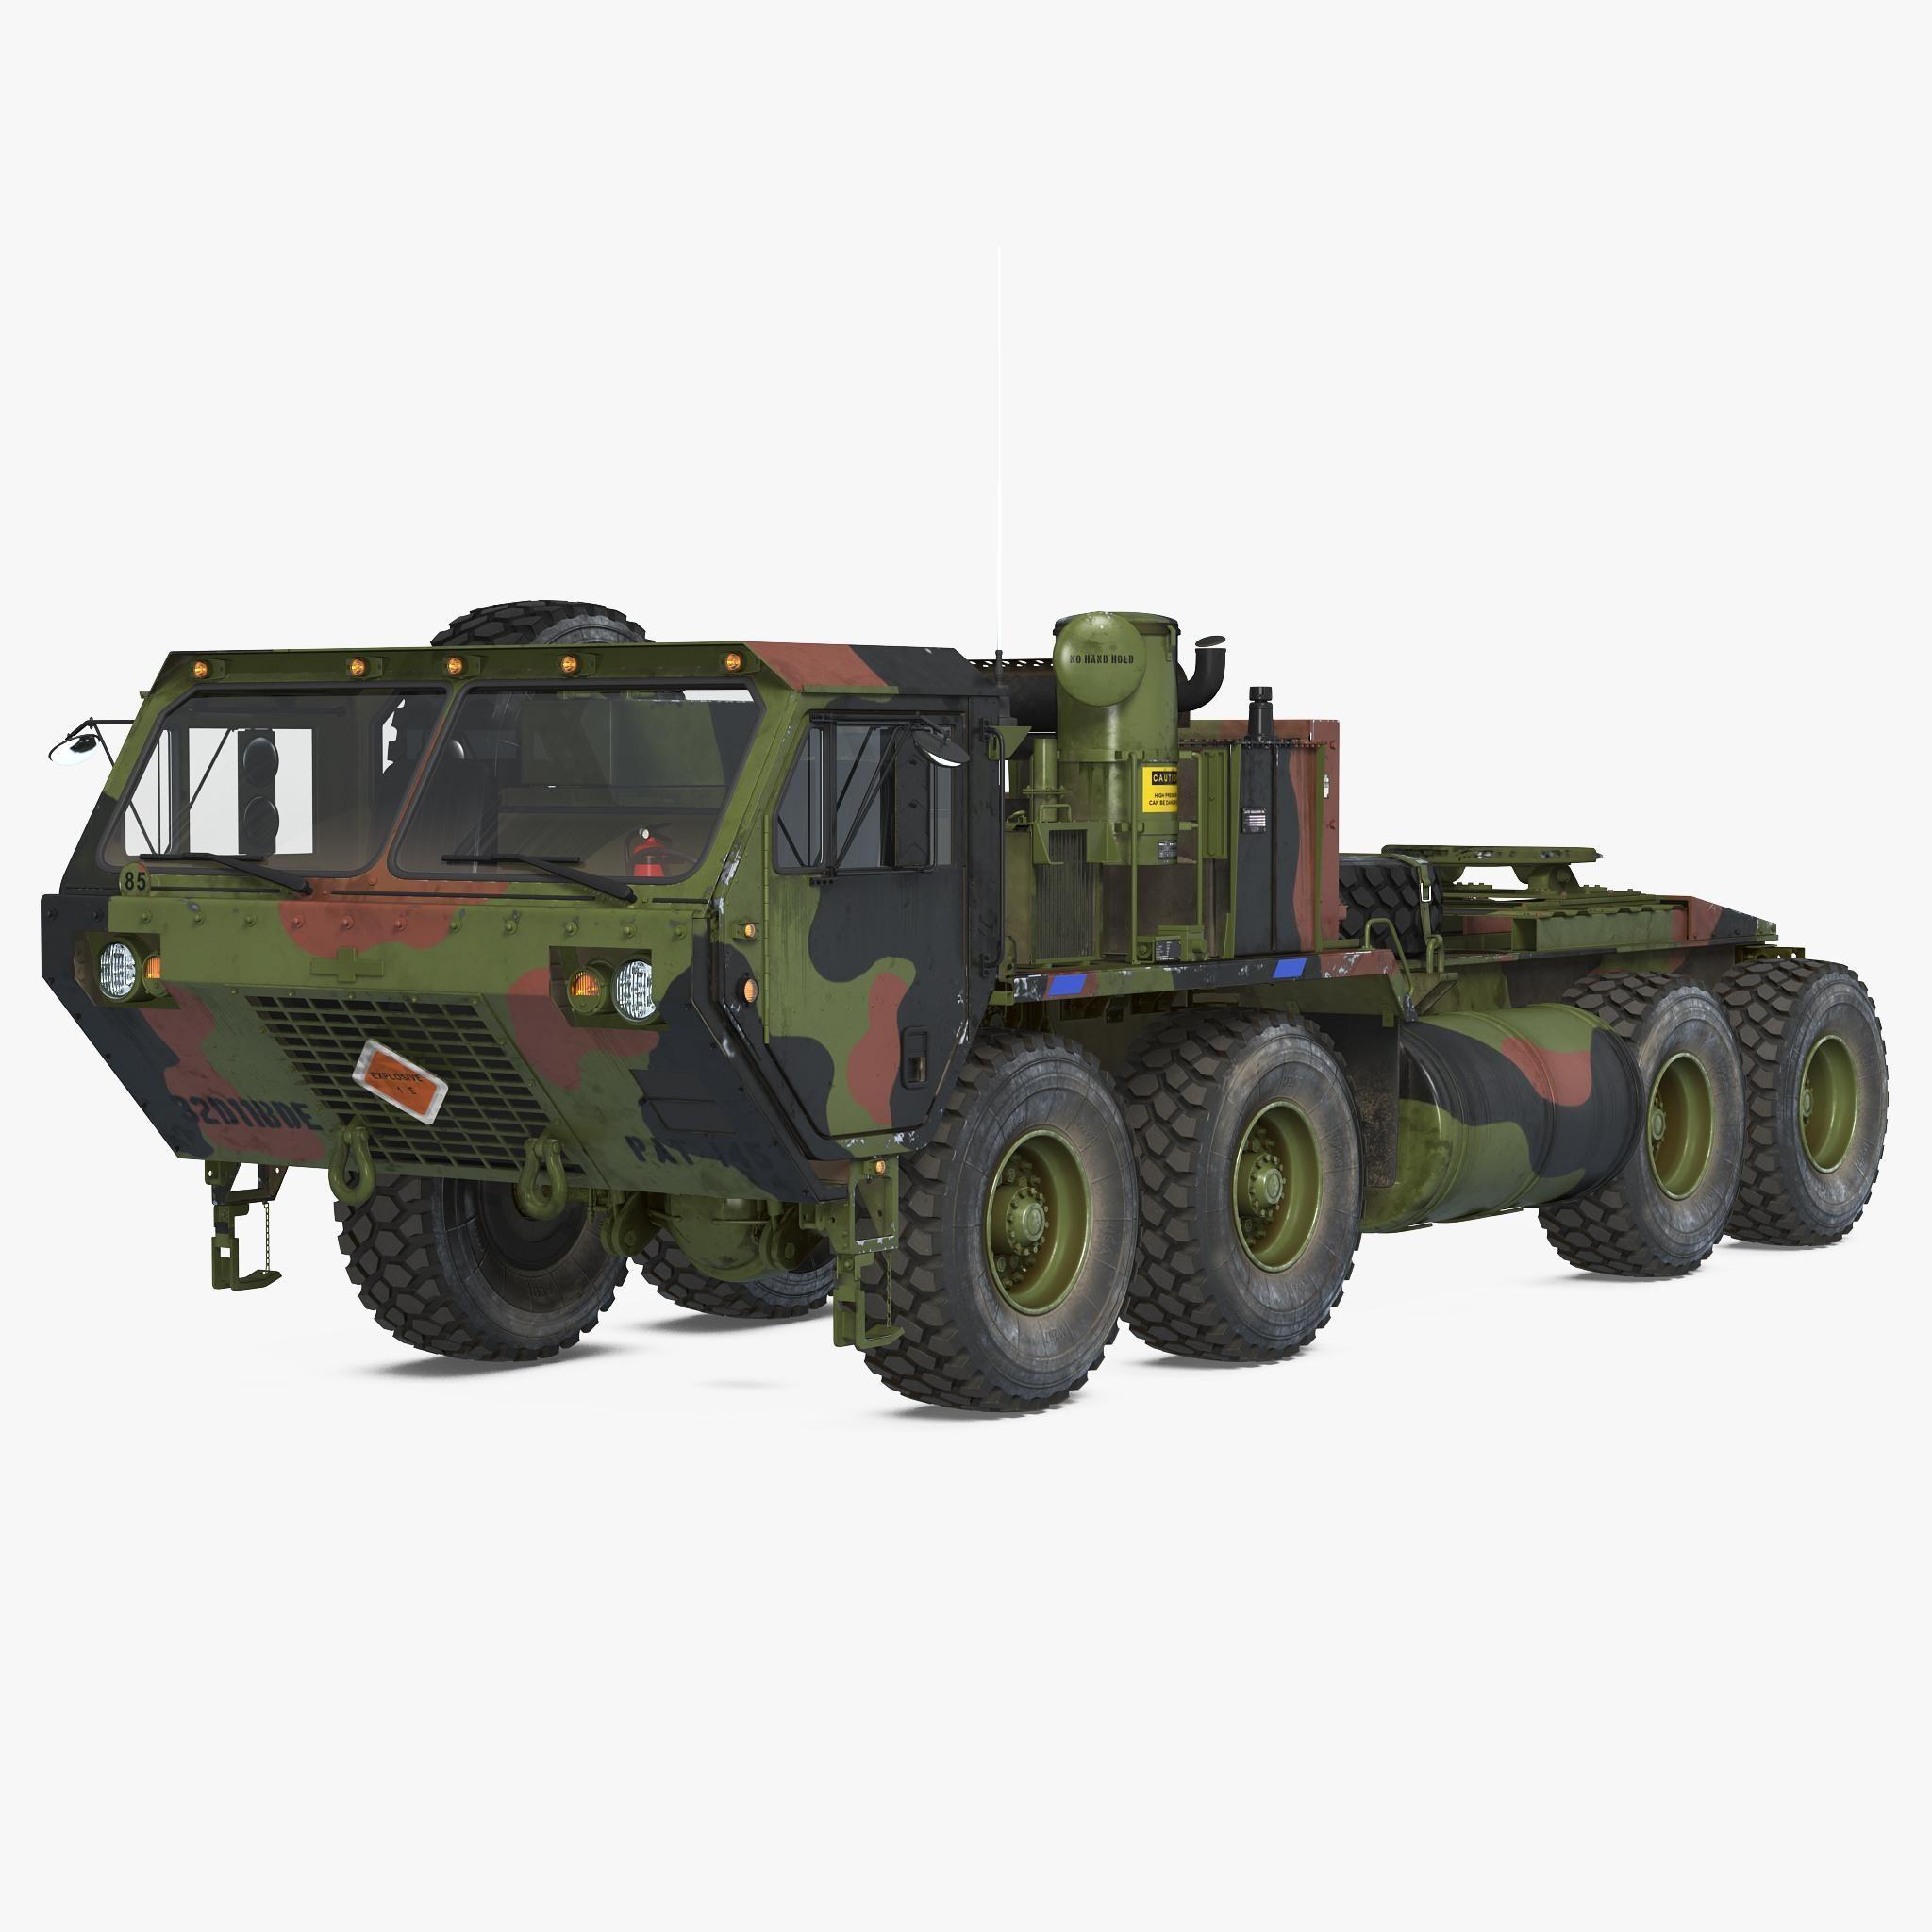 Military Truck Oshkosh Hemtt M985 3d Model Ad Oshkosh Truck